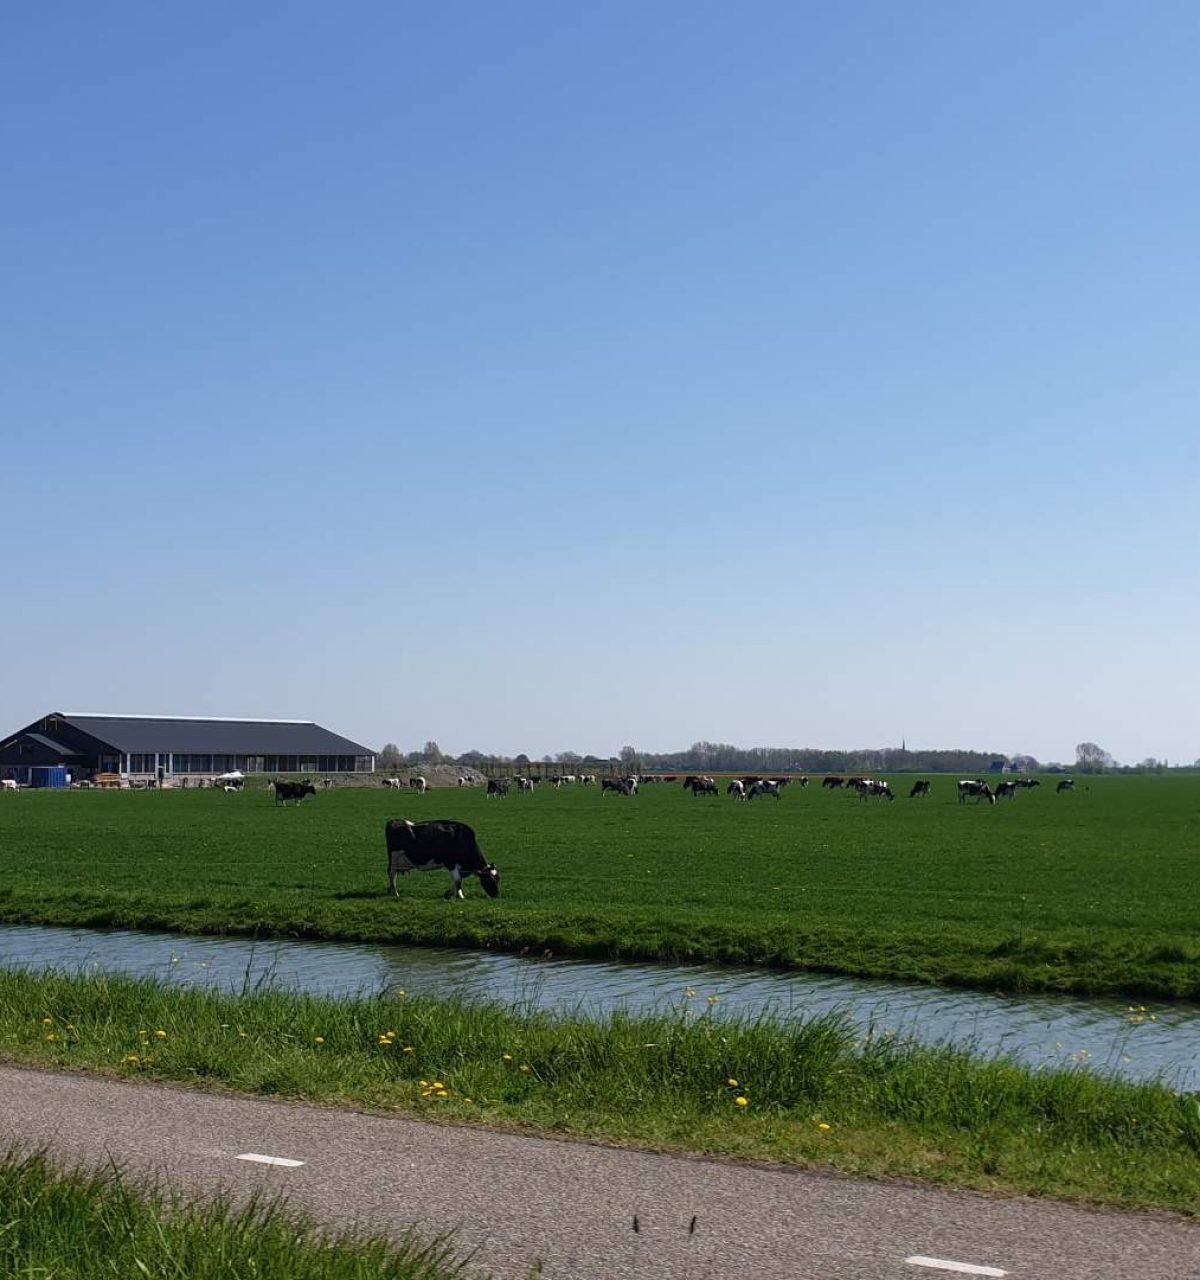 westwoud omgeving noord holland on road to amsterdam-26